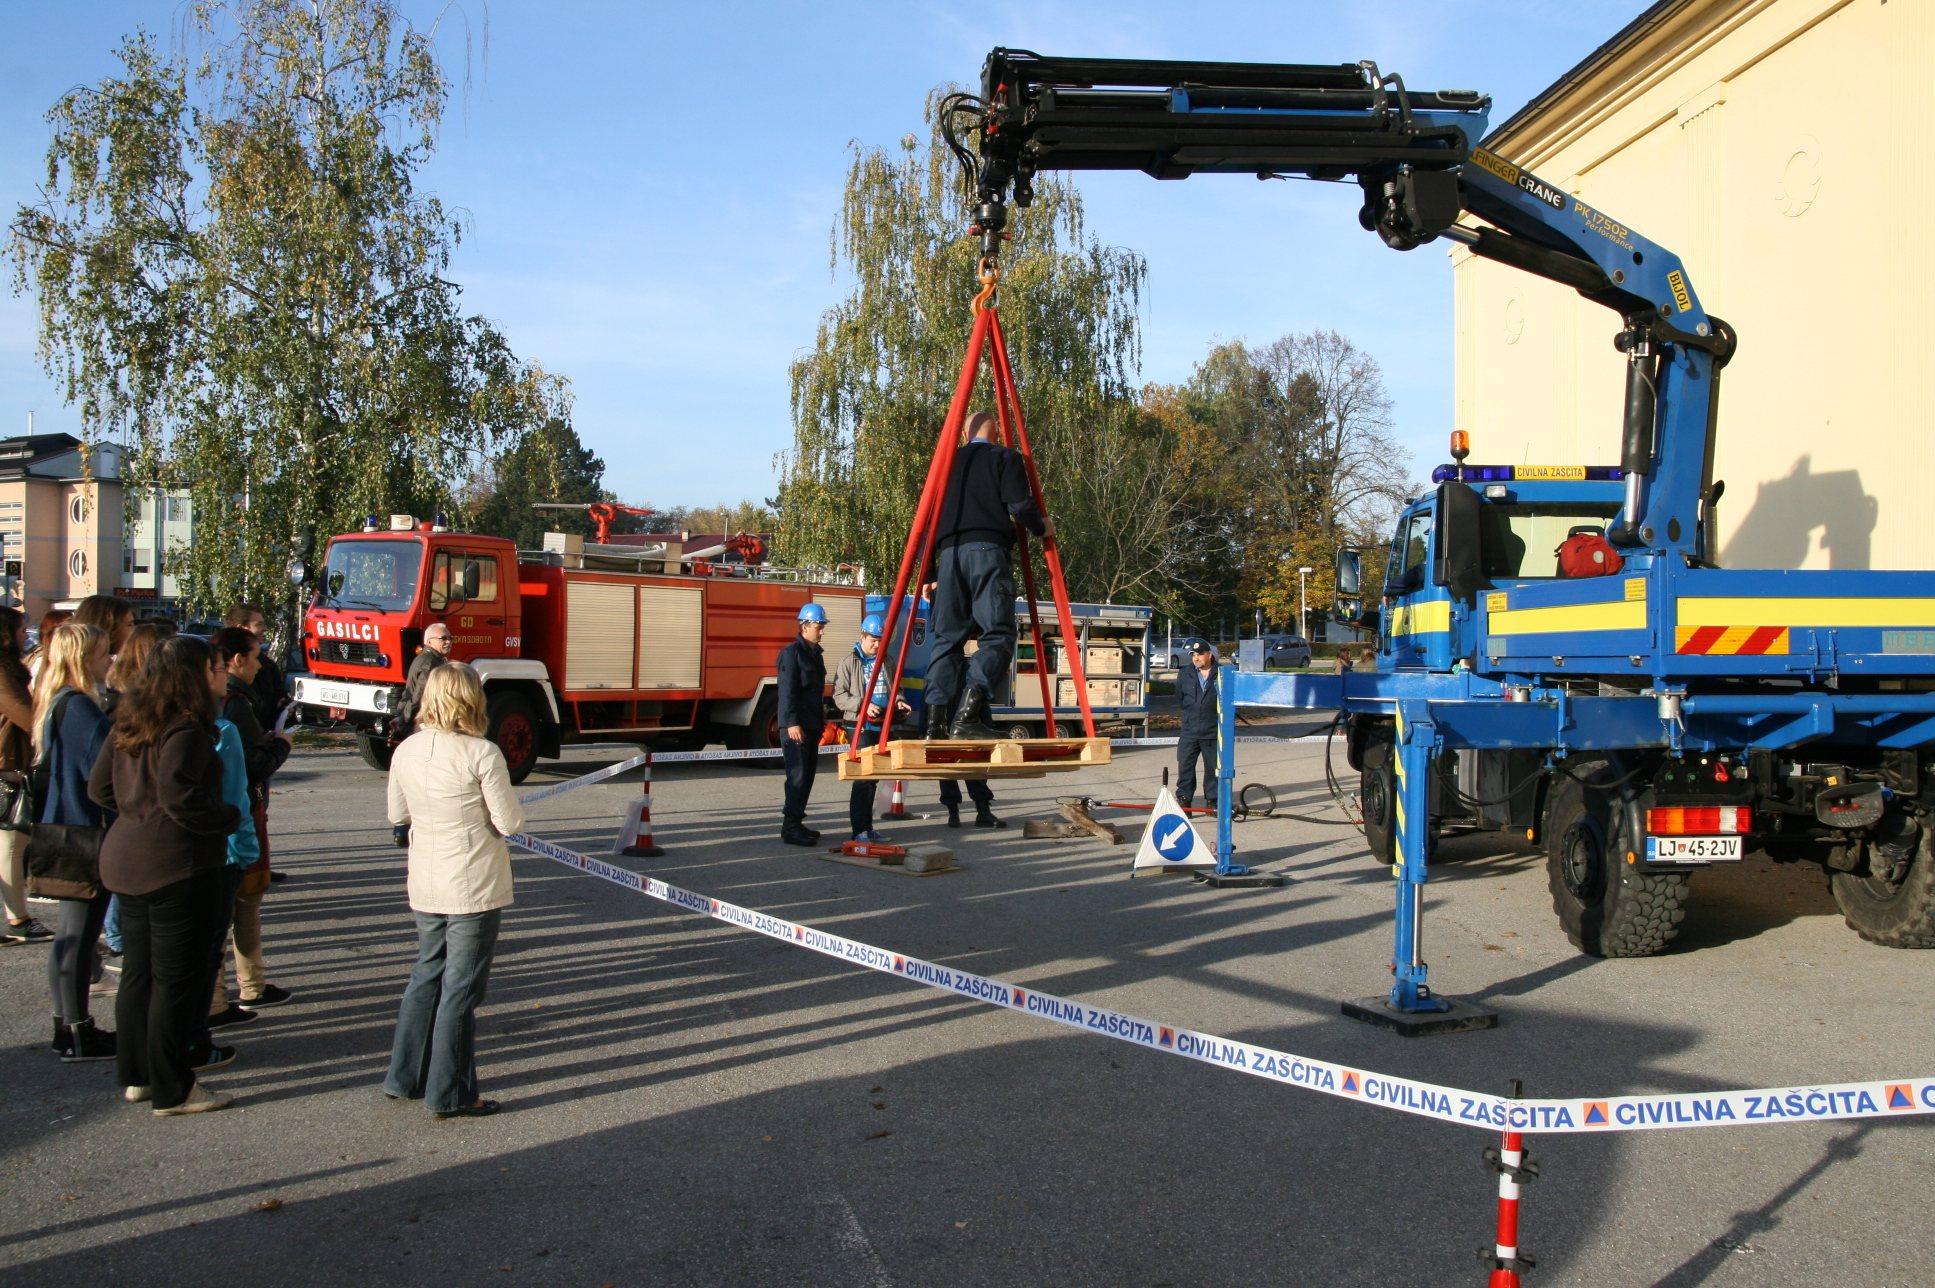 Ljutomerski gimnazijci so se seznanili s postopki reševanja ob nesrečah.